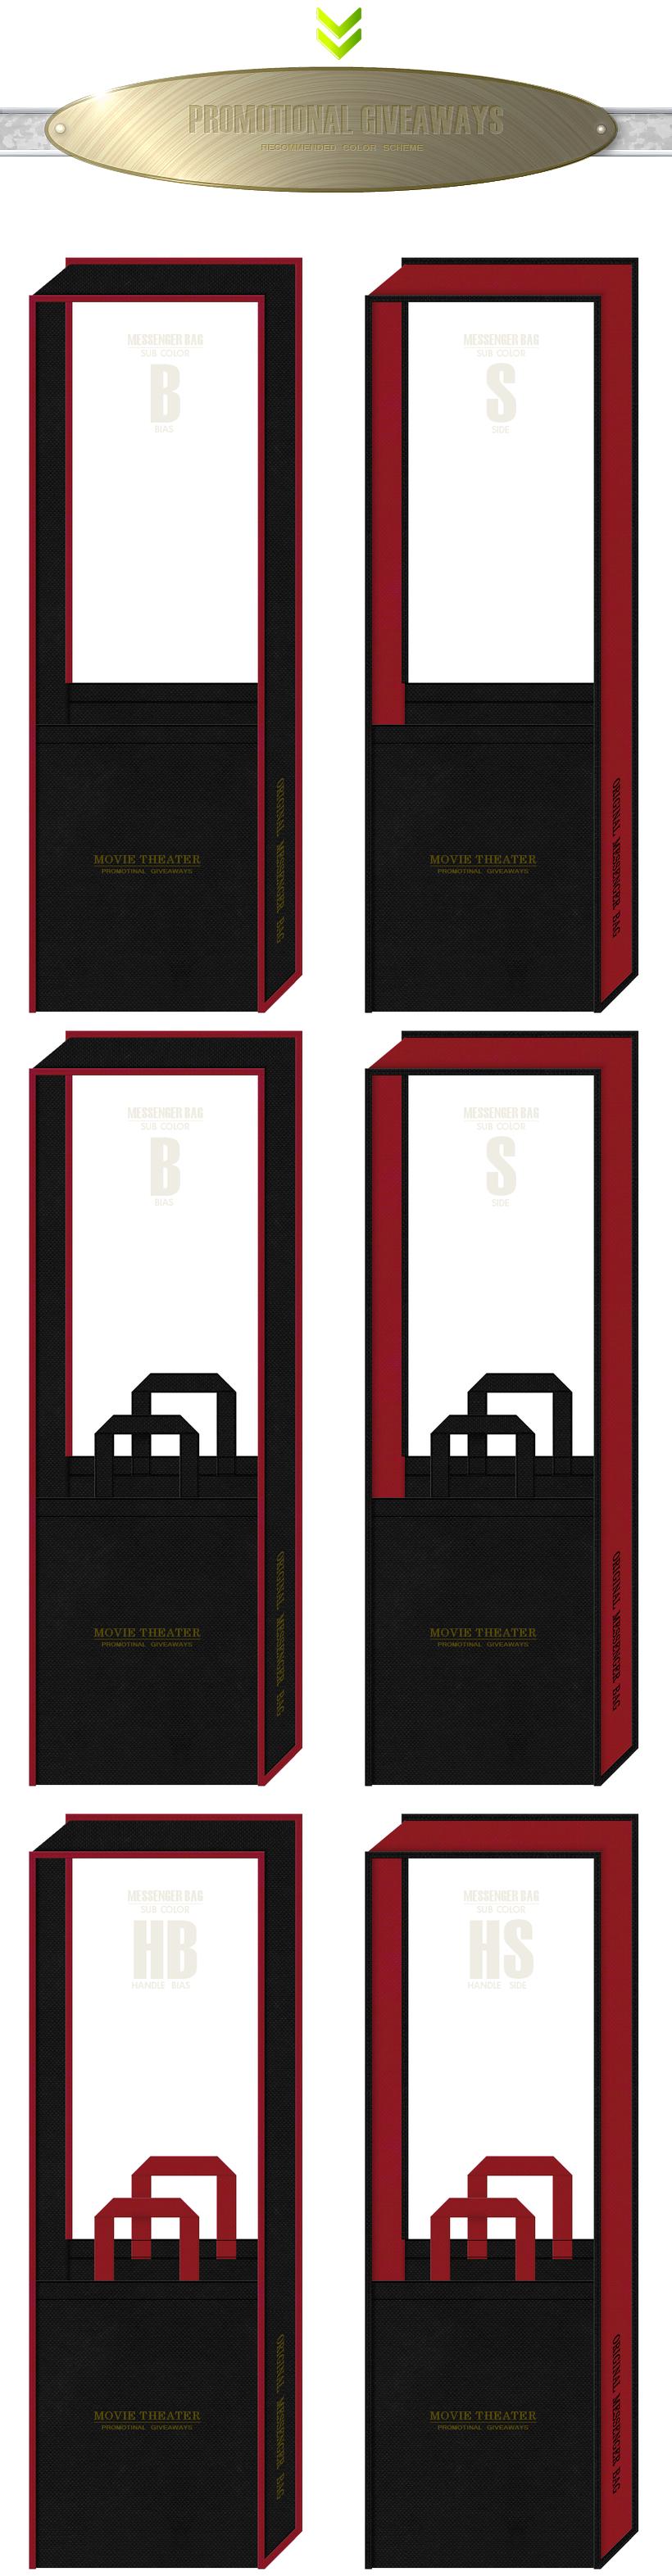 黒色とエンジ色の不織布メッセンジャーバッグのカラーシミュレーション(映画館・劇場・クラシック音楽・舞踏会・ワイン):映画館のノベルティ